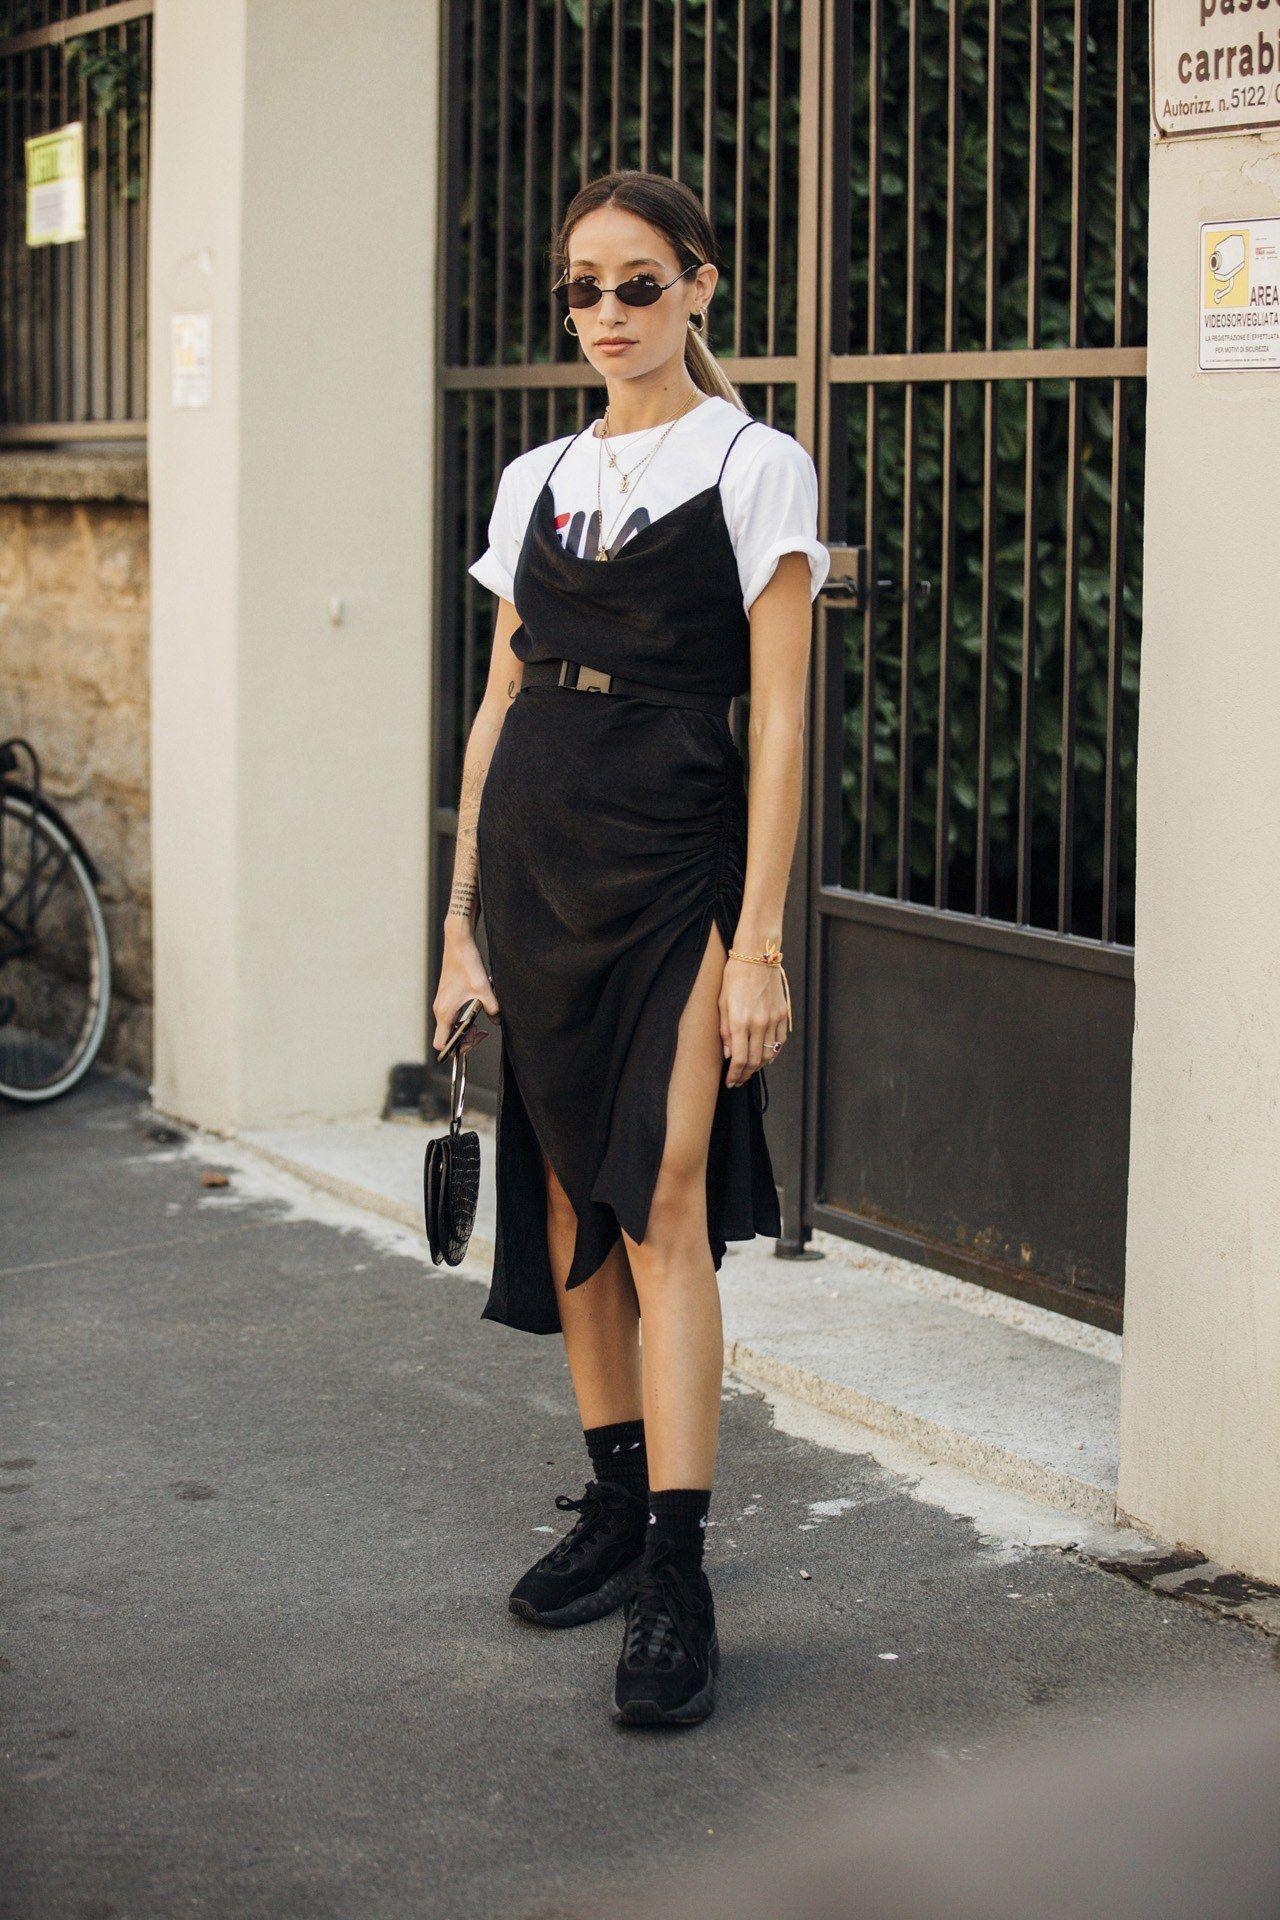 fashionista mặc slip dress lụa và áo thun với boots